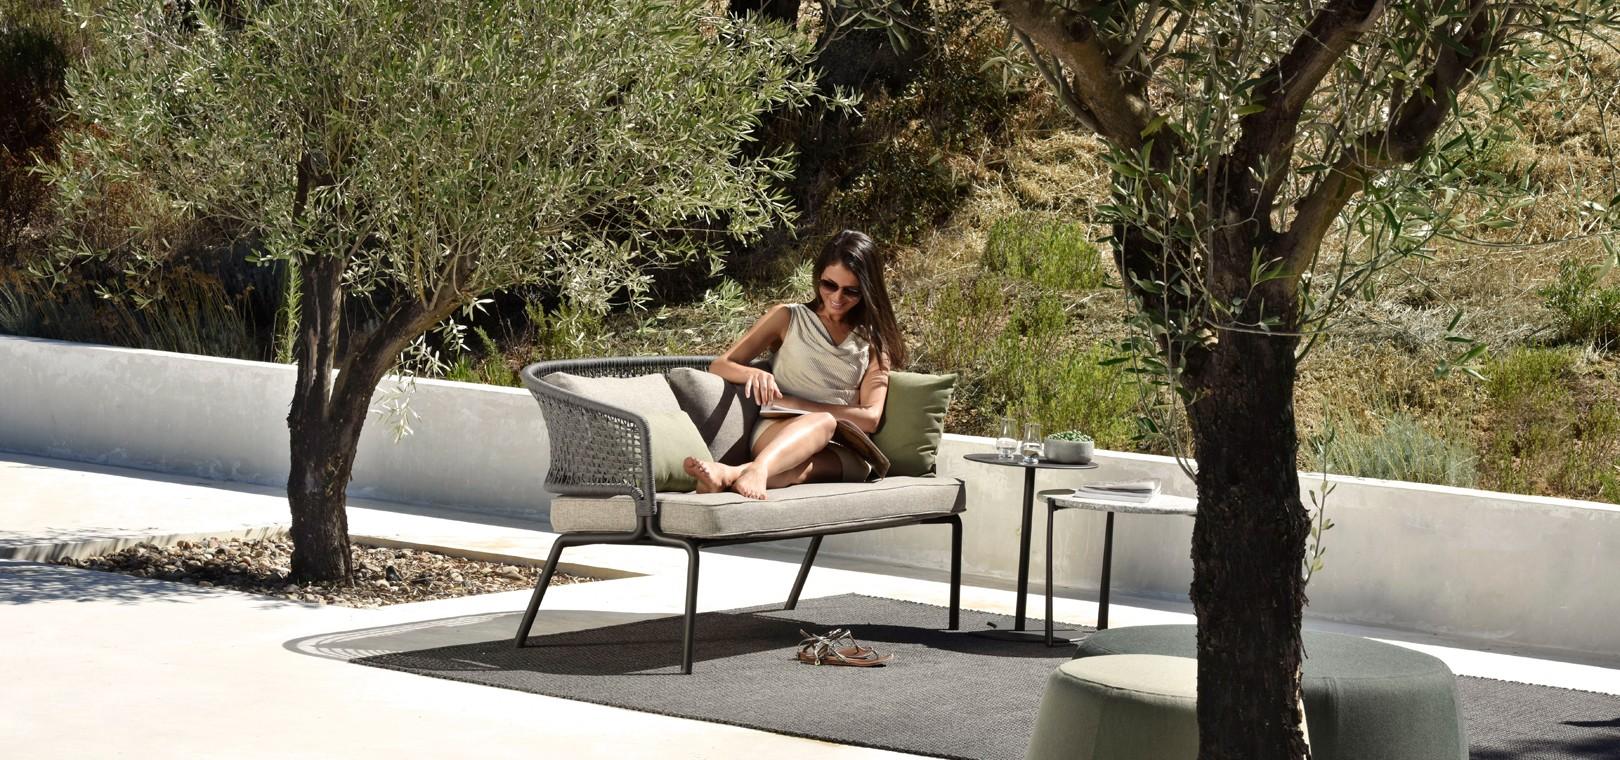 contour-new-2016-contour-sofa